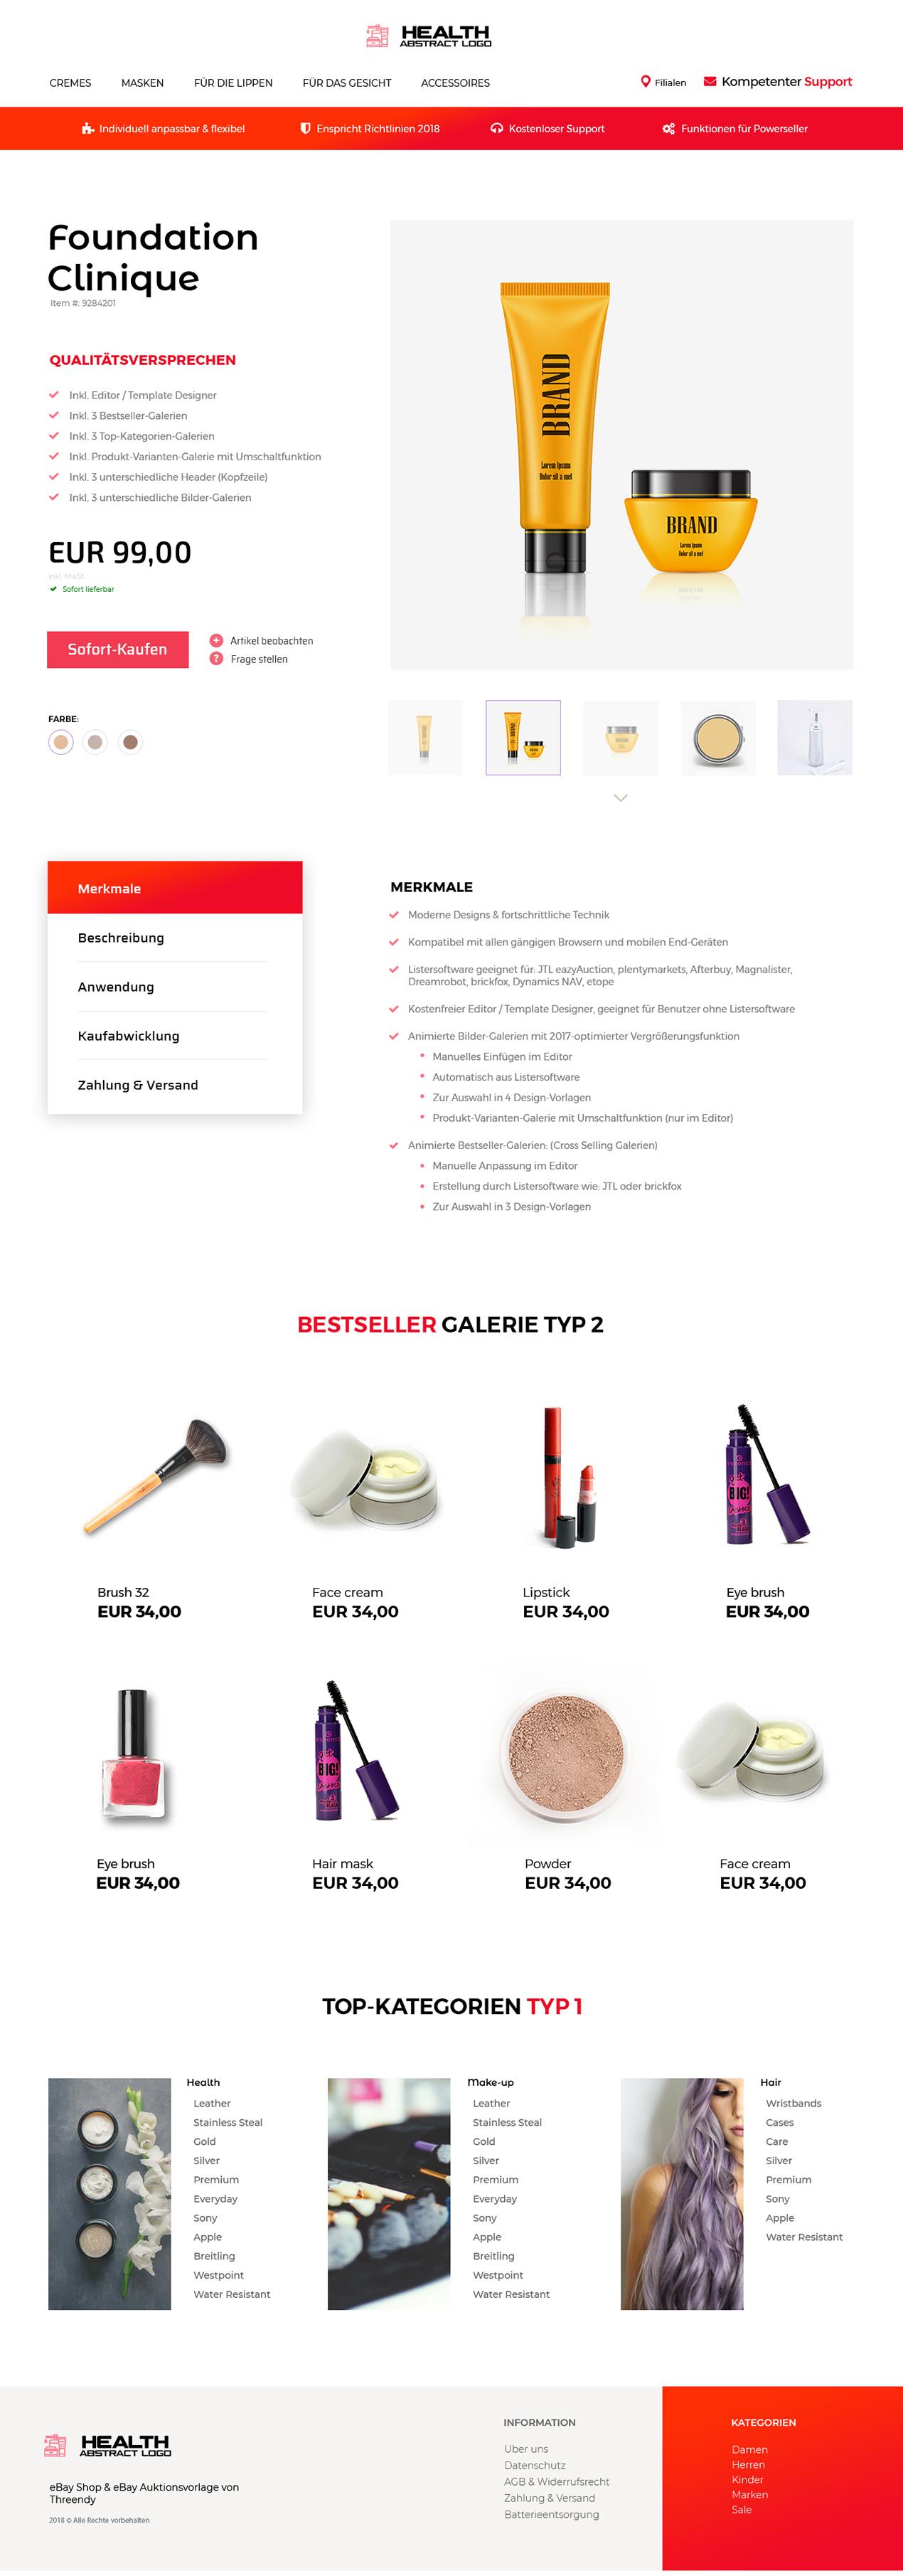 Branchen Ebayvorlage Für Beauty Kosmetik Gesundheit